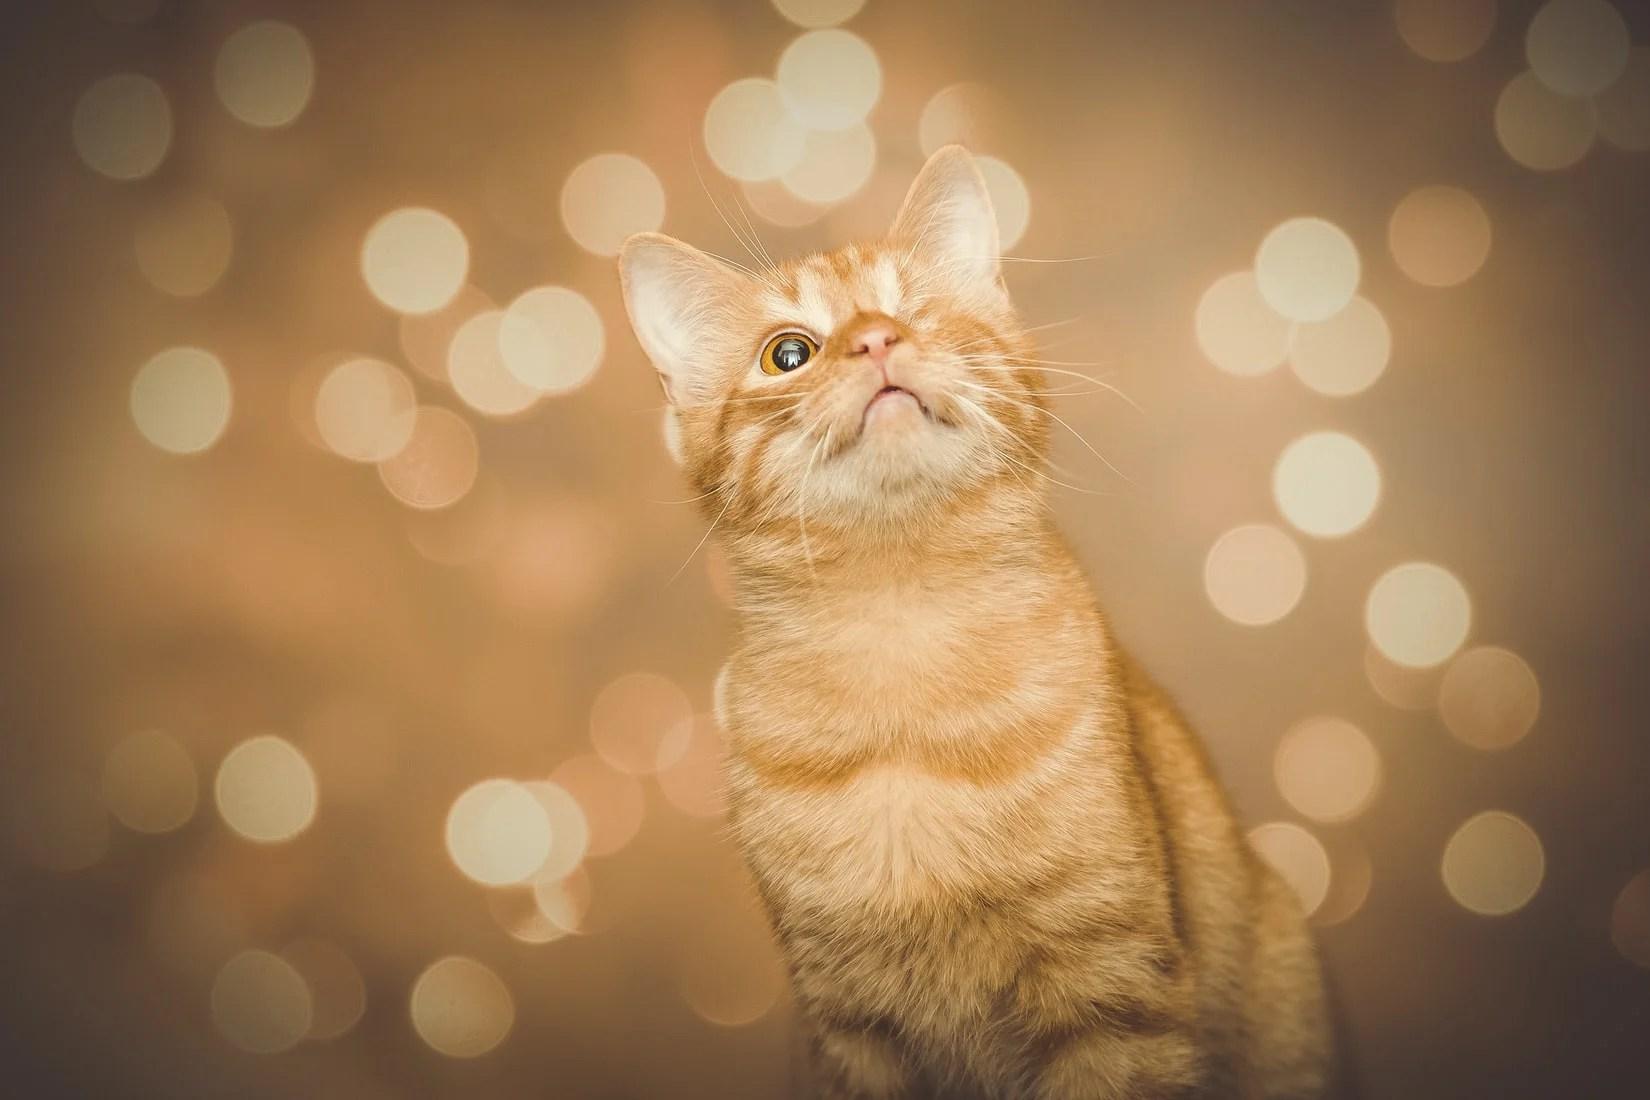 Heilgebete für Katzen & alle Tiere